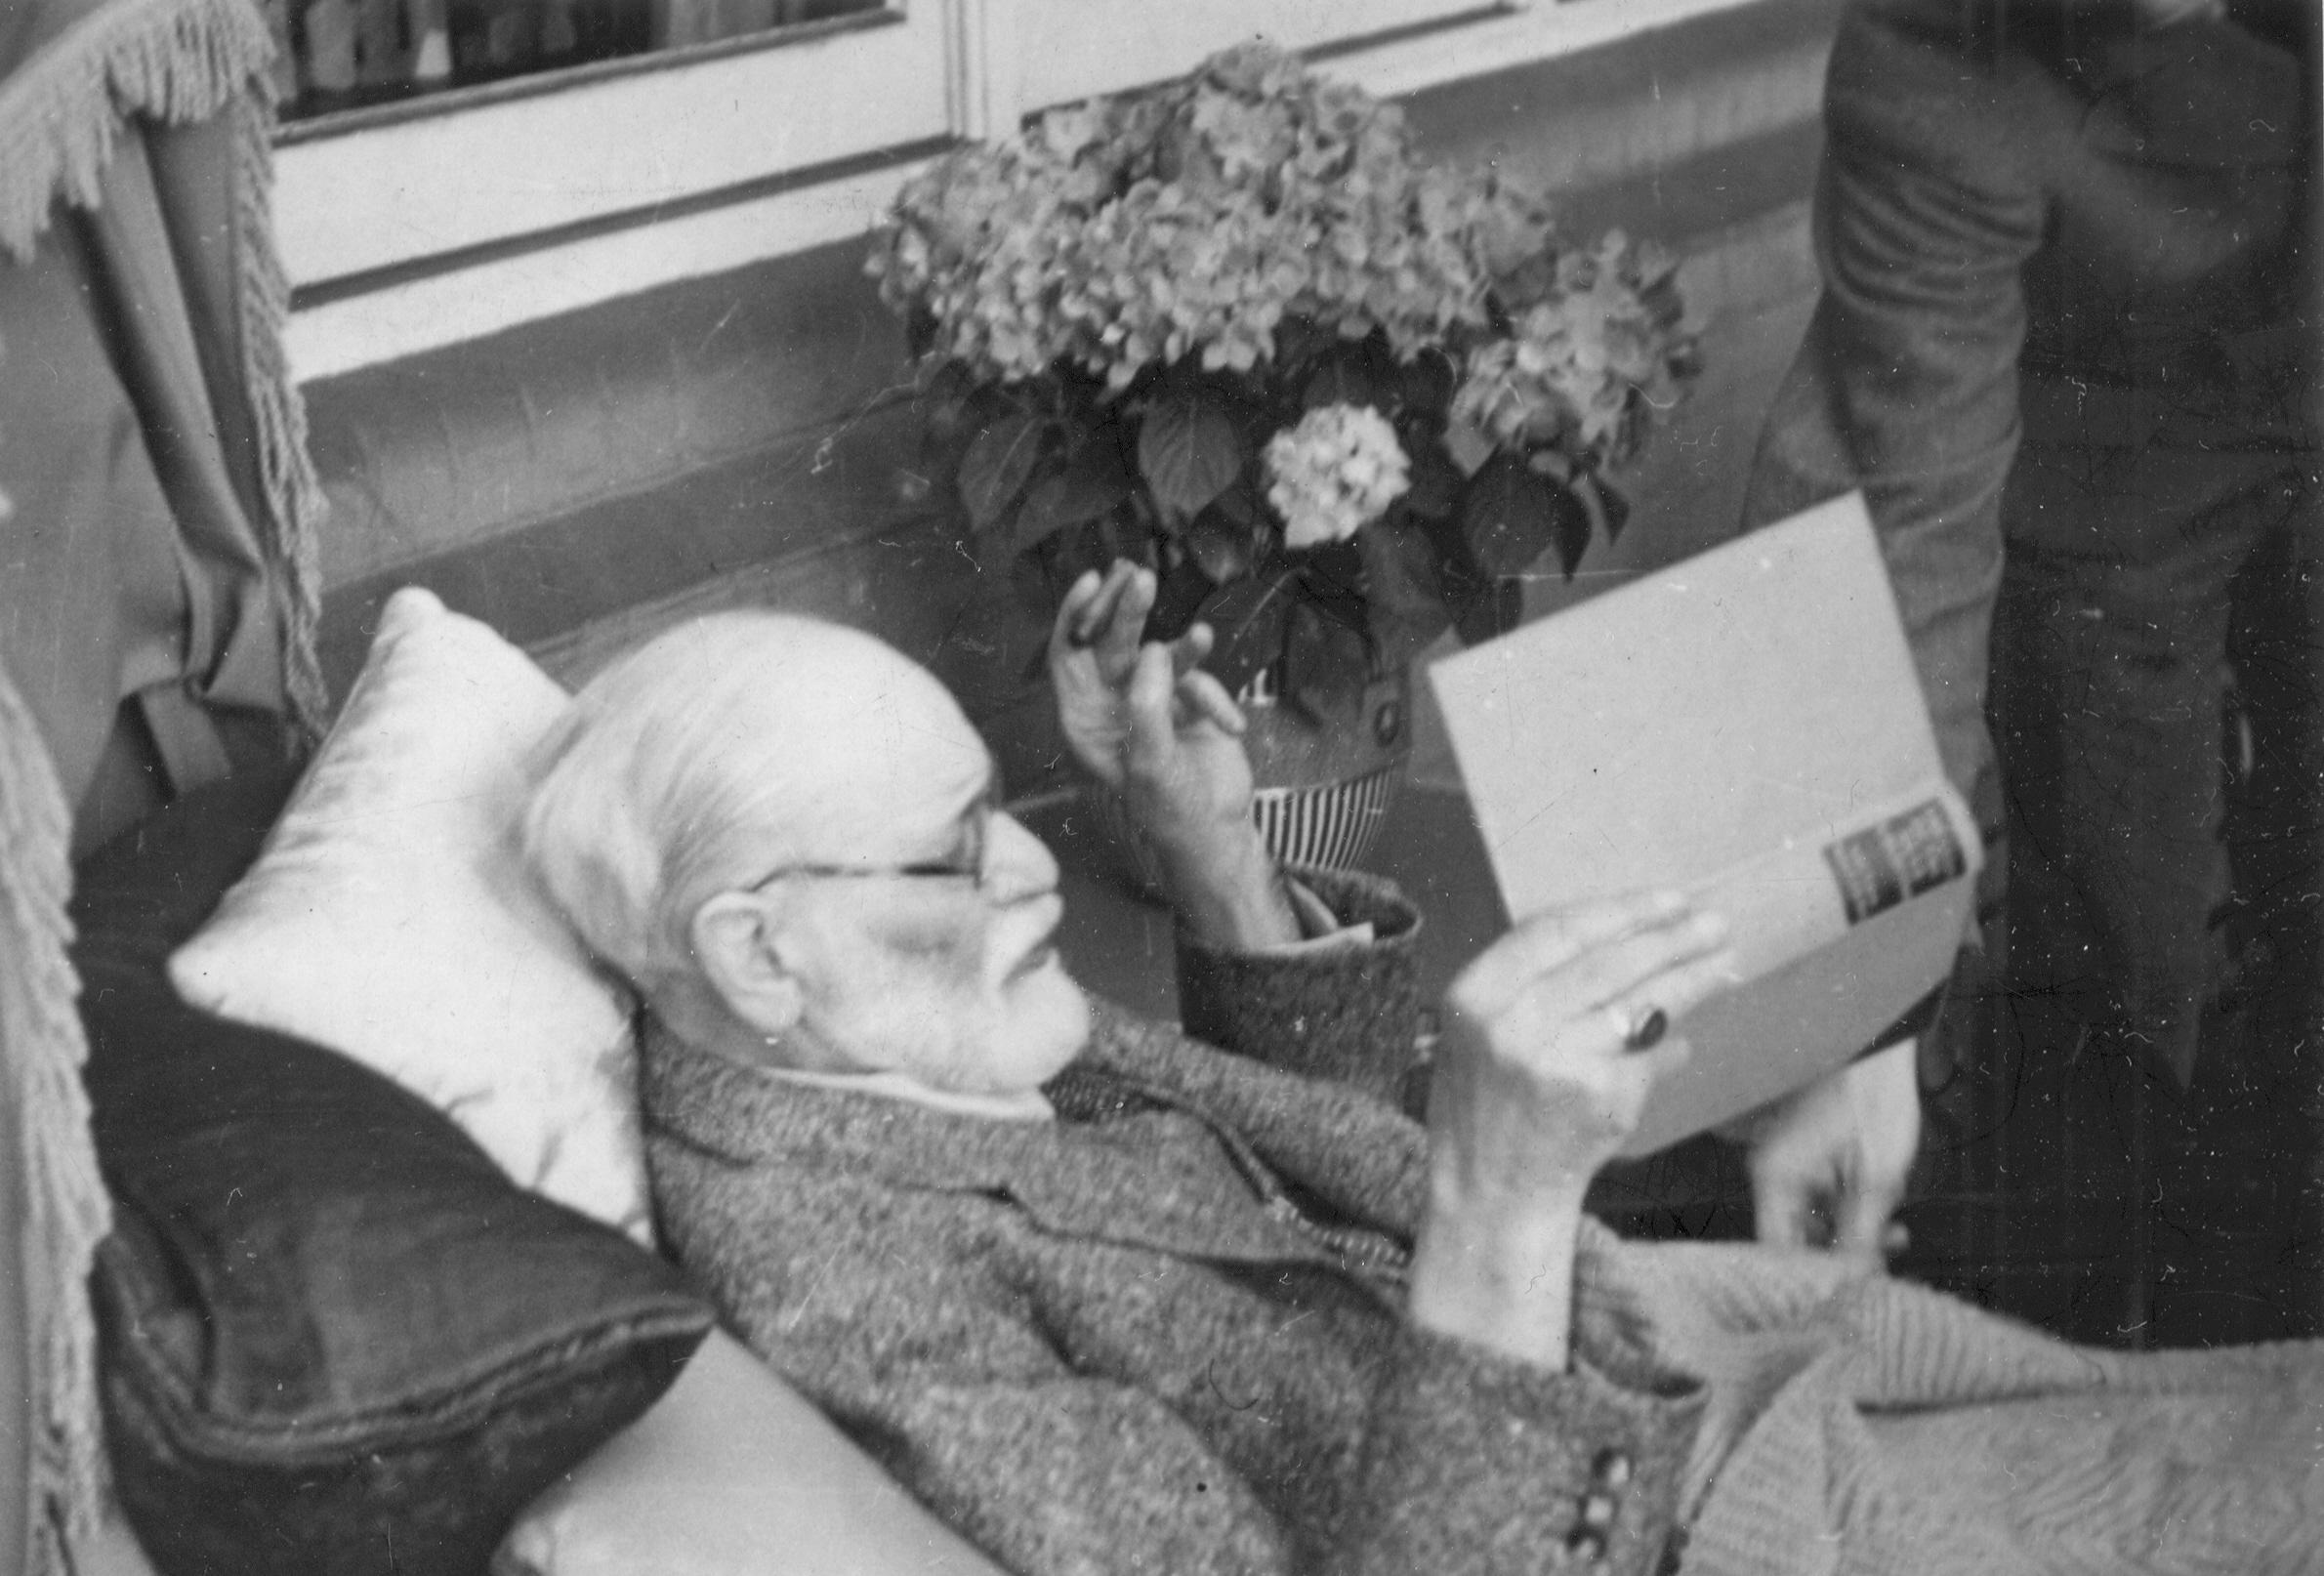 Sigmun Freud